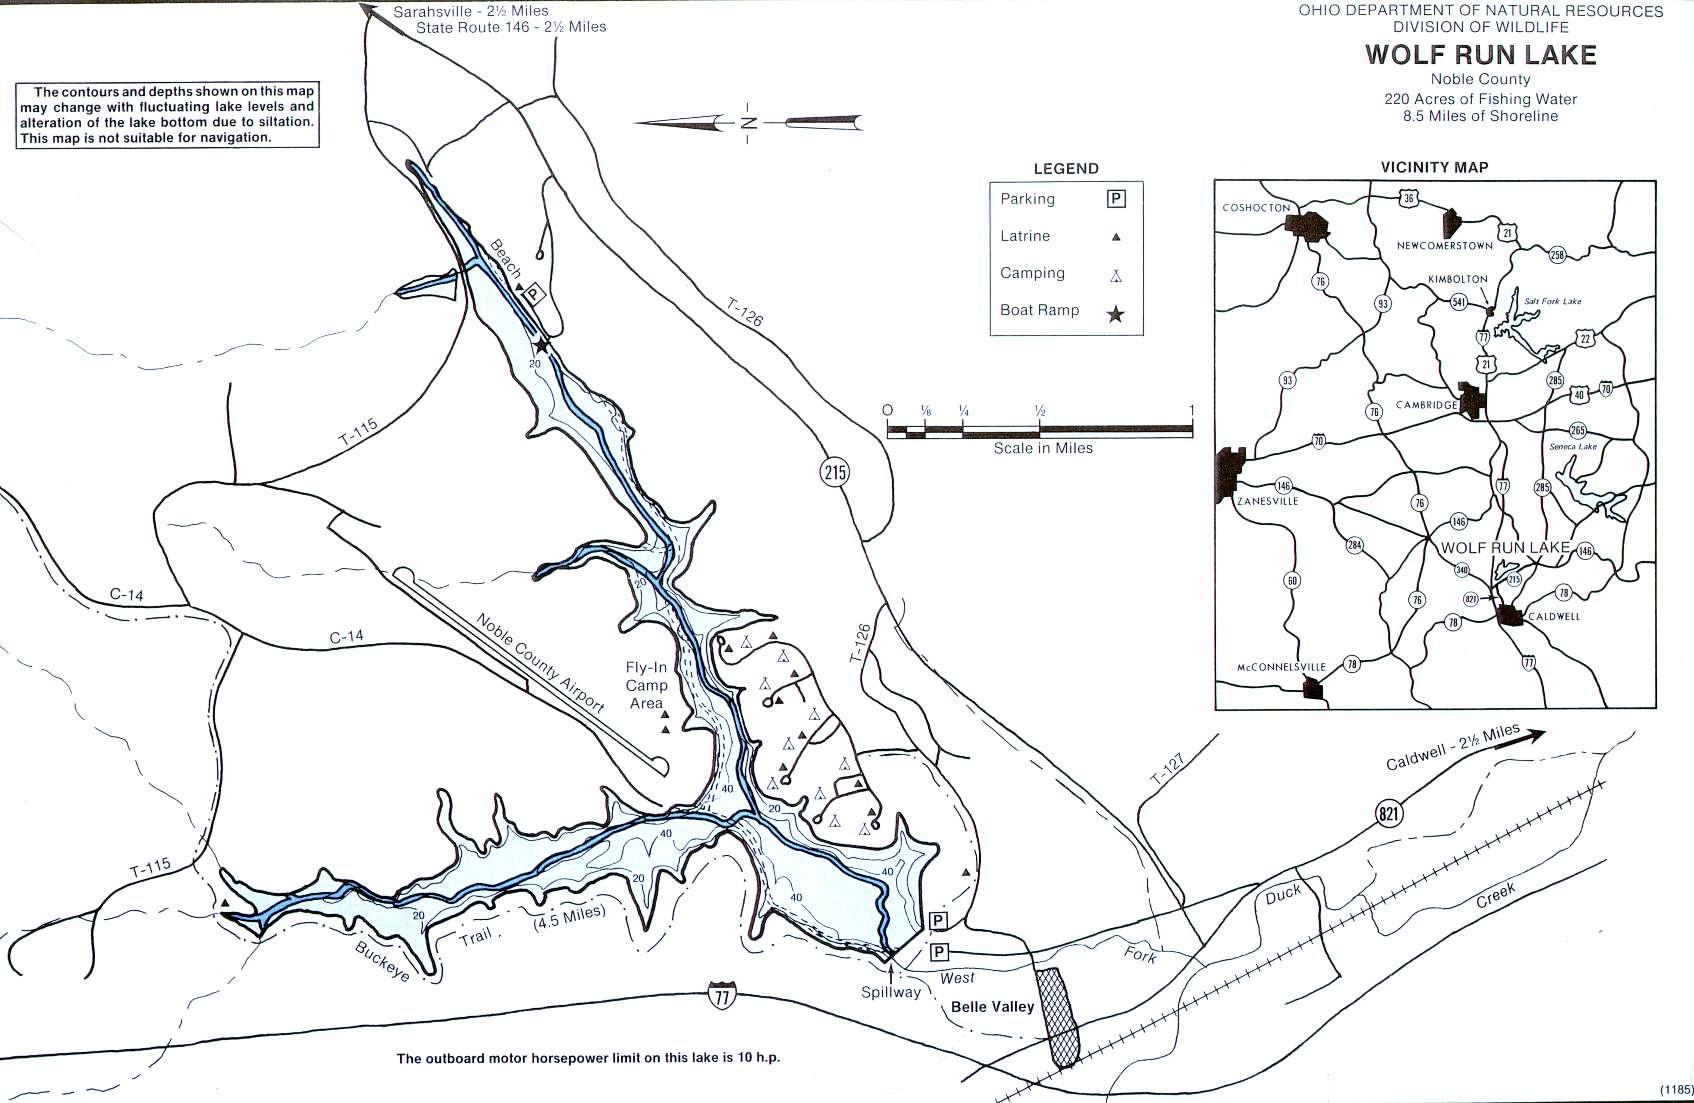 Wolf Run Lake Fishing Map - GoFishOhio